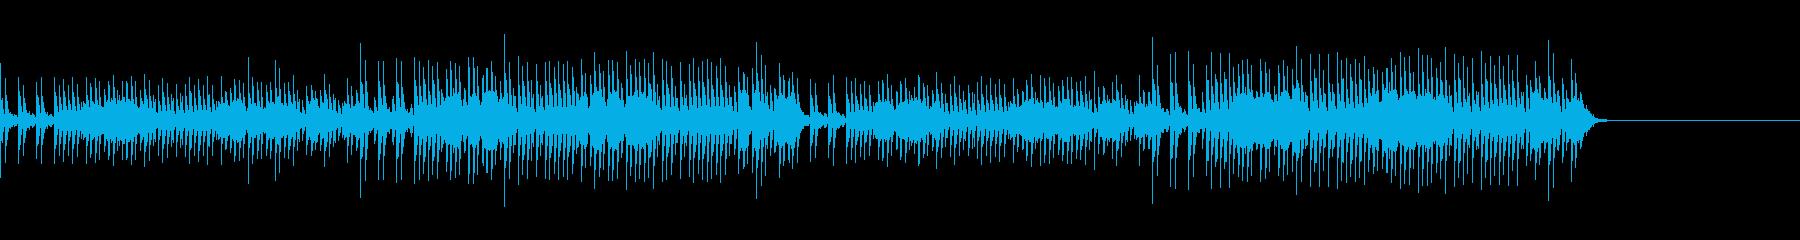 パワフルな太鼓のみの曲の再生済みの波形